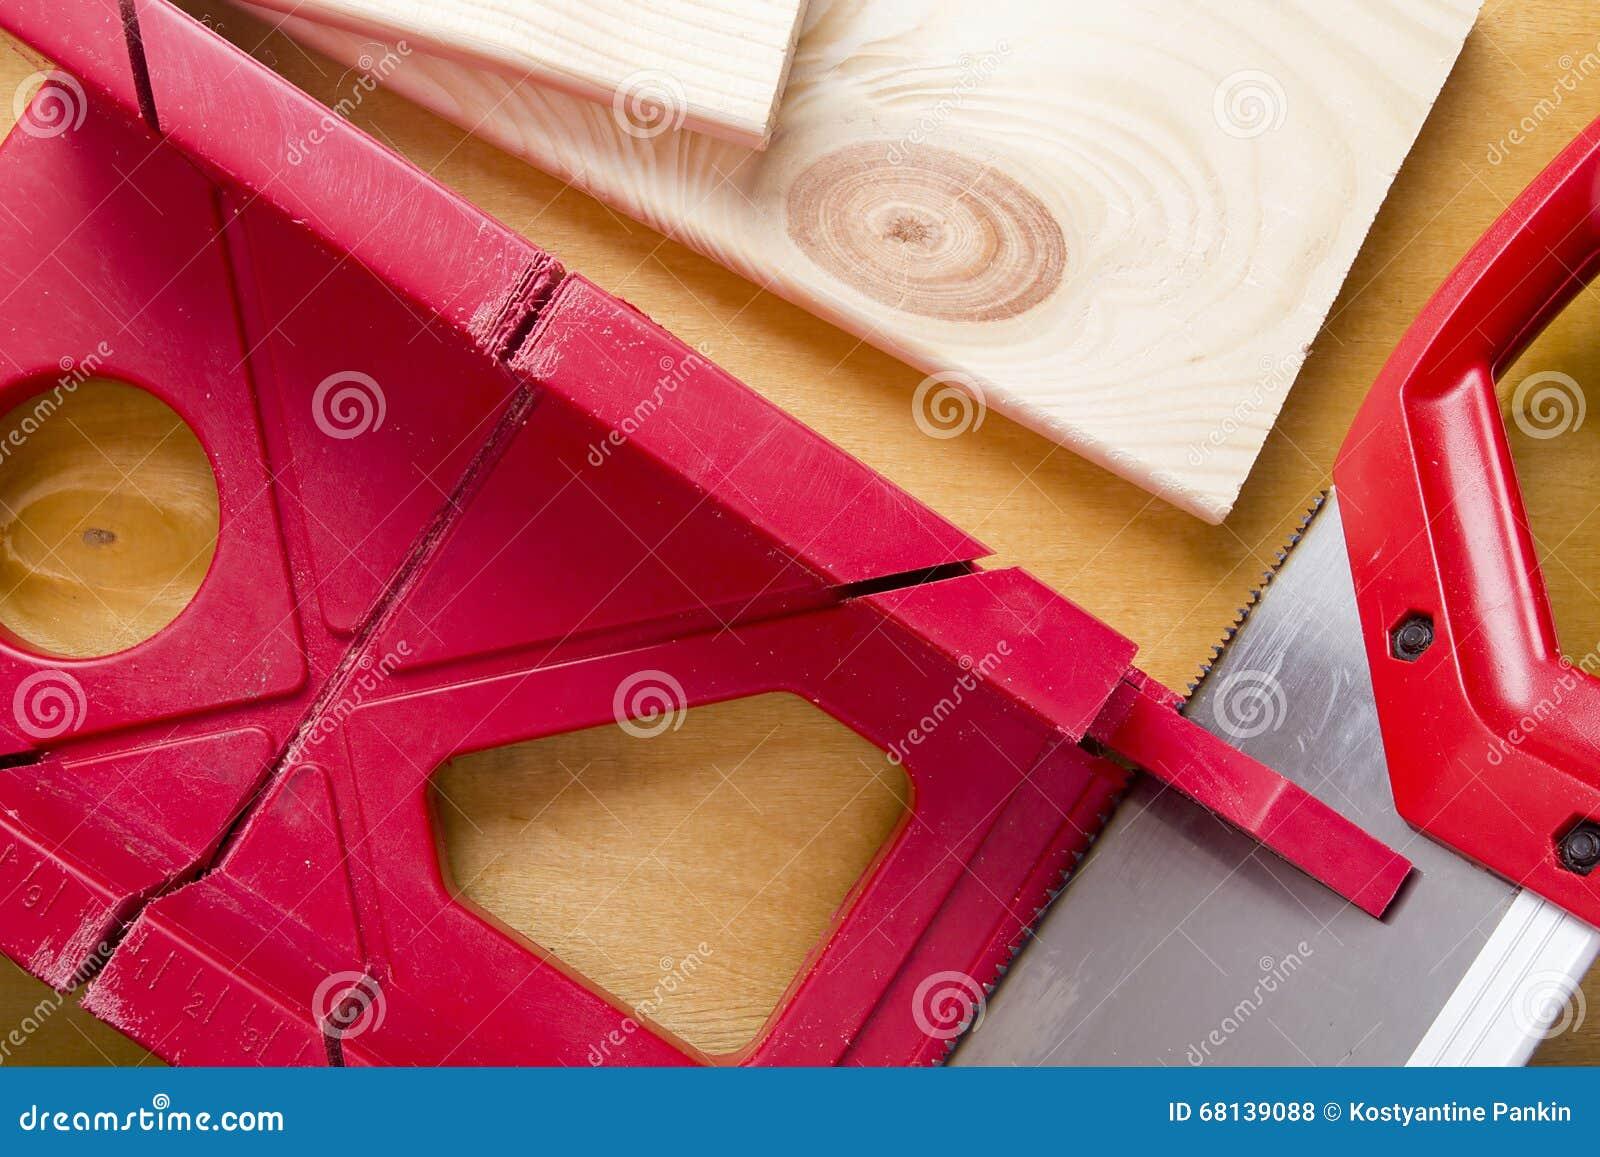 Tnące deski używa miter saw i pudełko